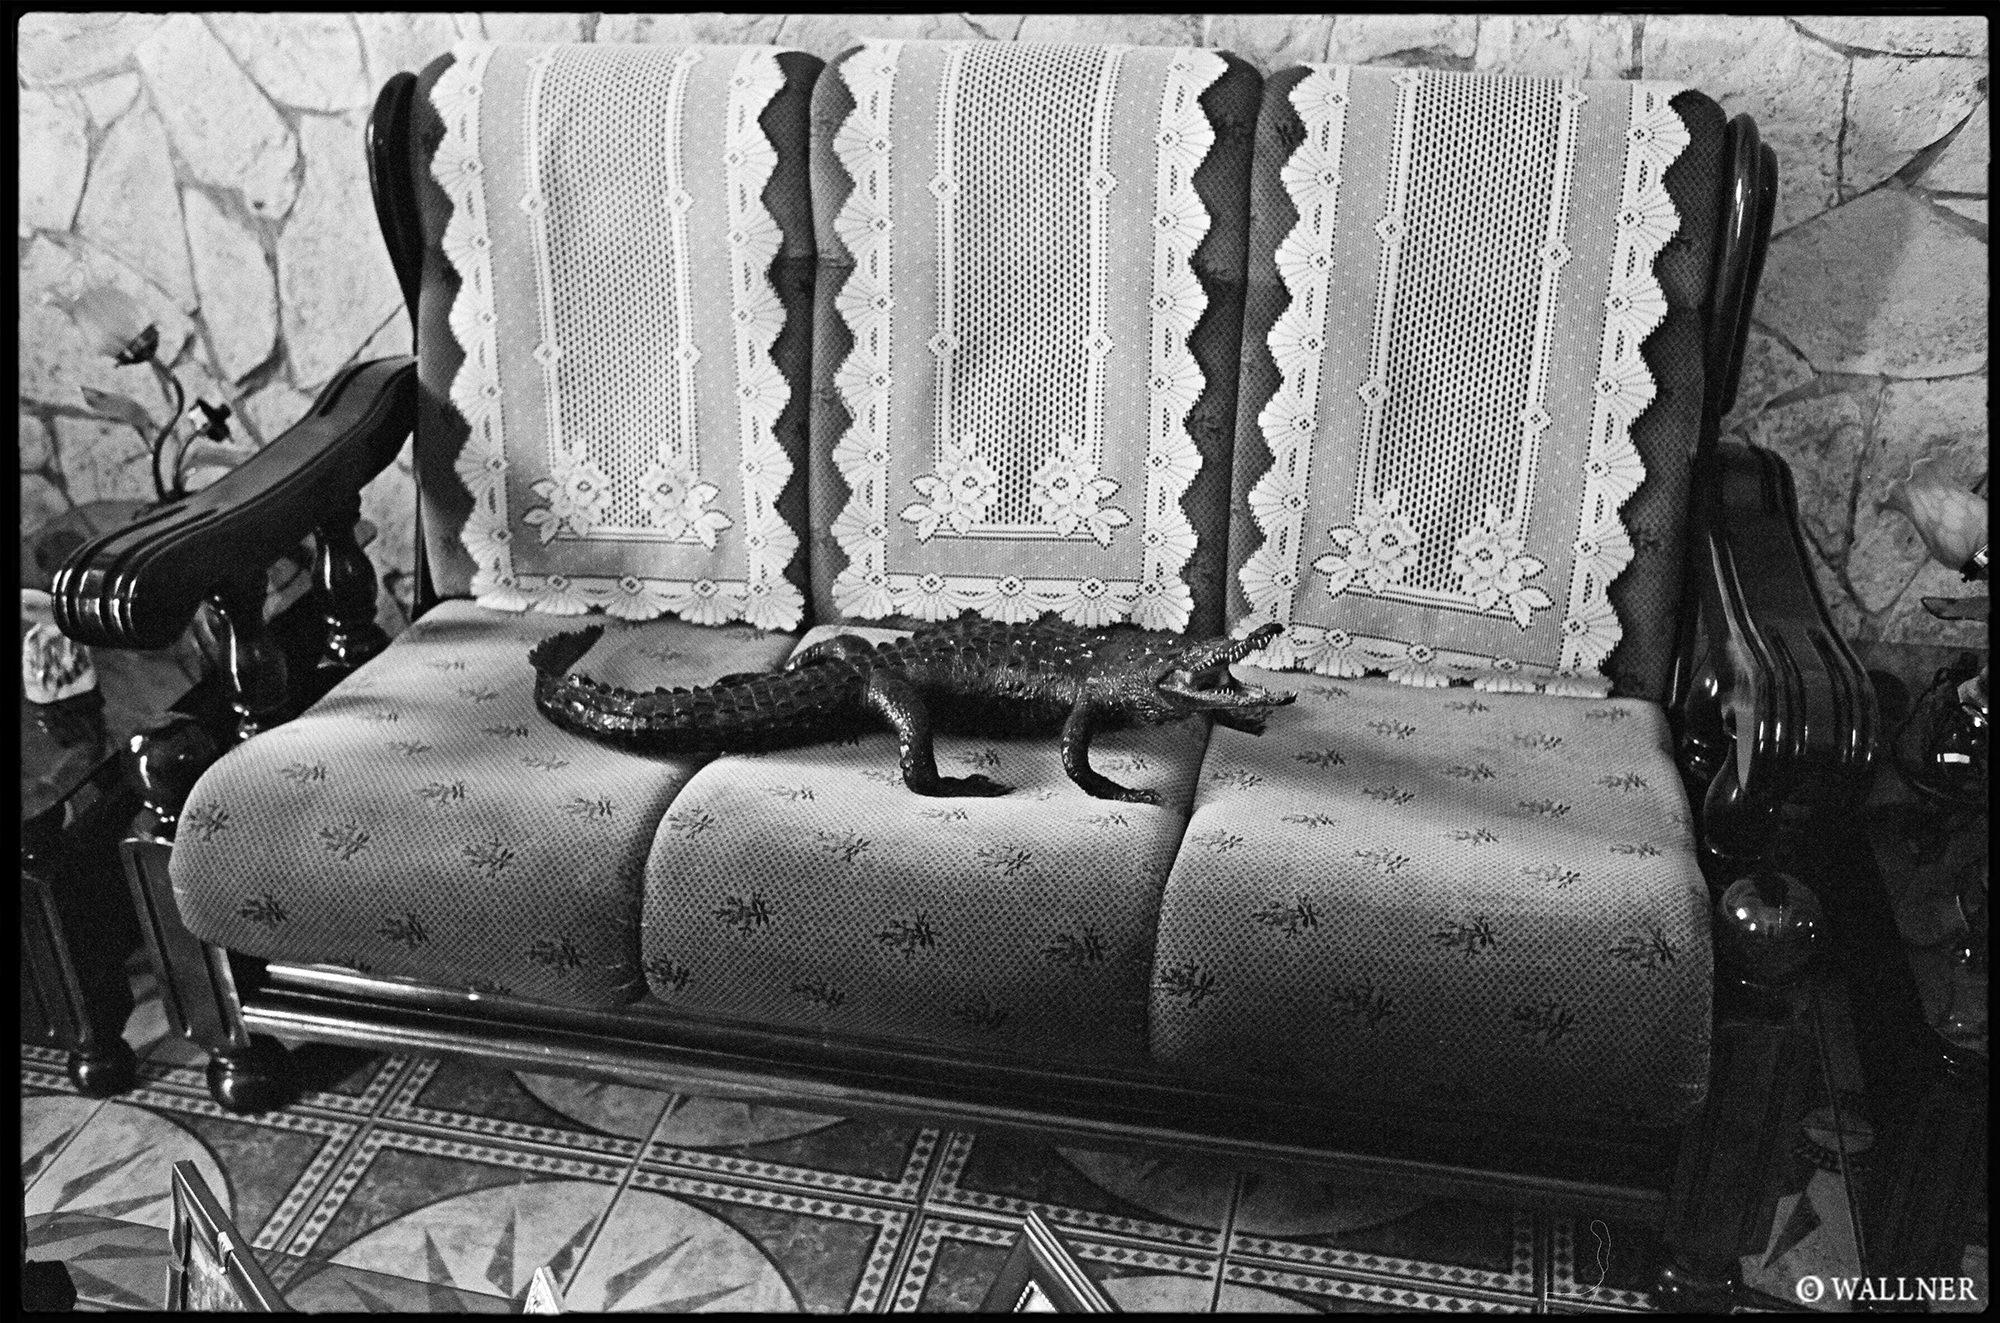 35mmPatrikWallner_Camaguey_Crocodile LOWQ 2000P w WM